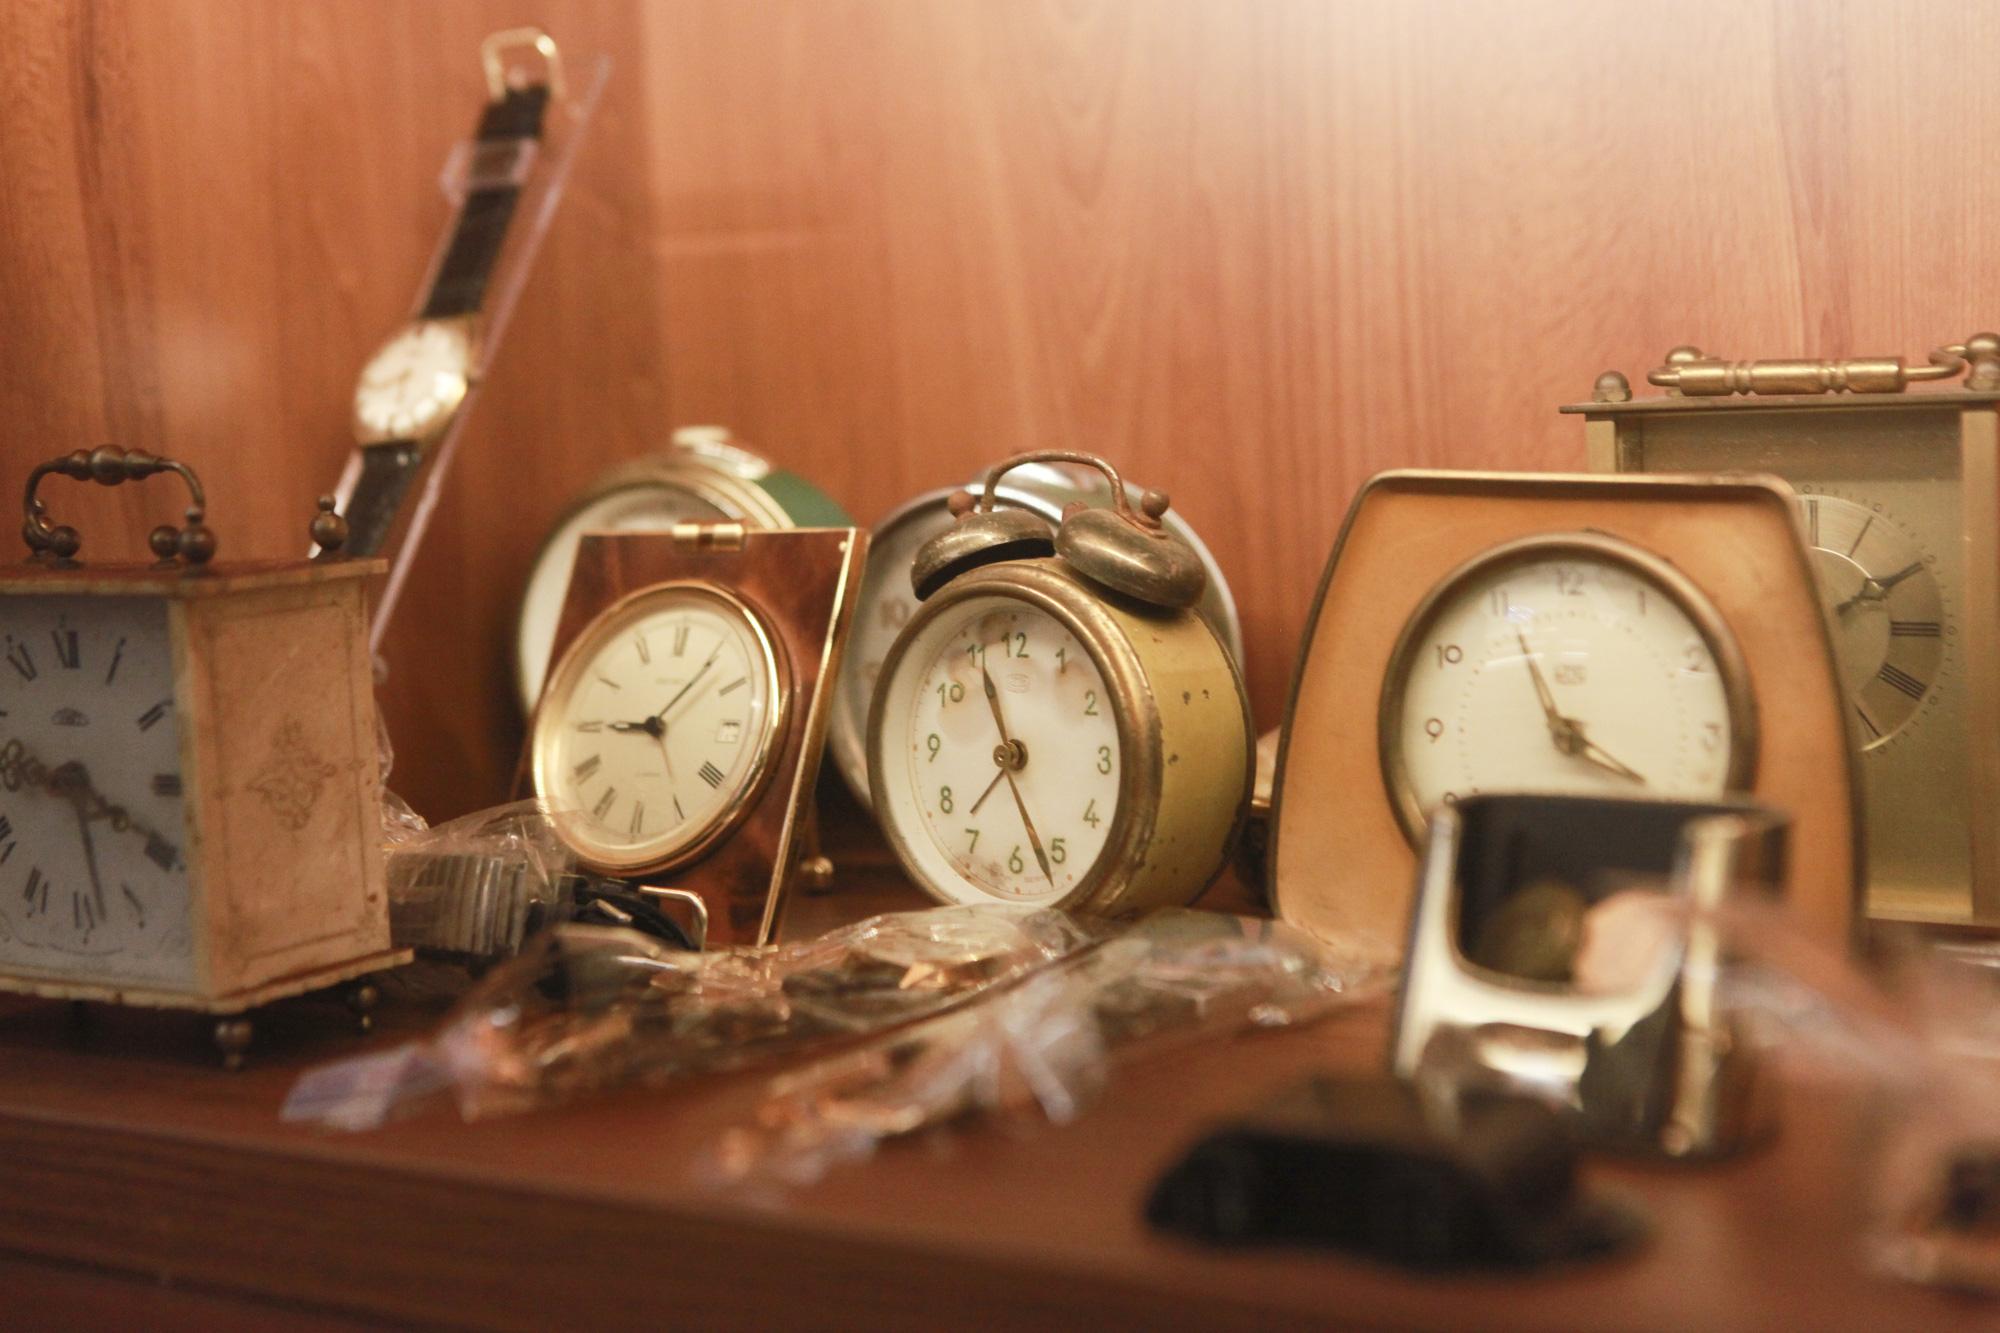 """Ông lão Hà thành và bộ sưu tập đồng hồ """"cực khủng"""", đặc biệt có chiếc có khả năng dự báo... """"bão"""" - Ảnh 8."""